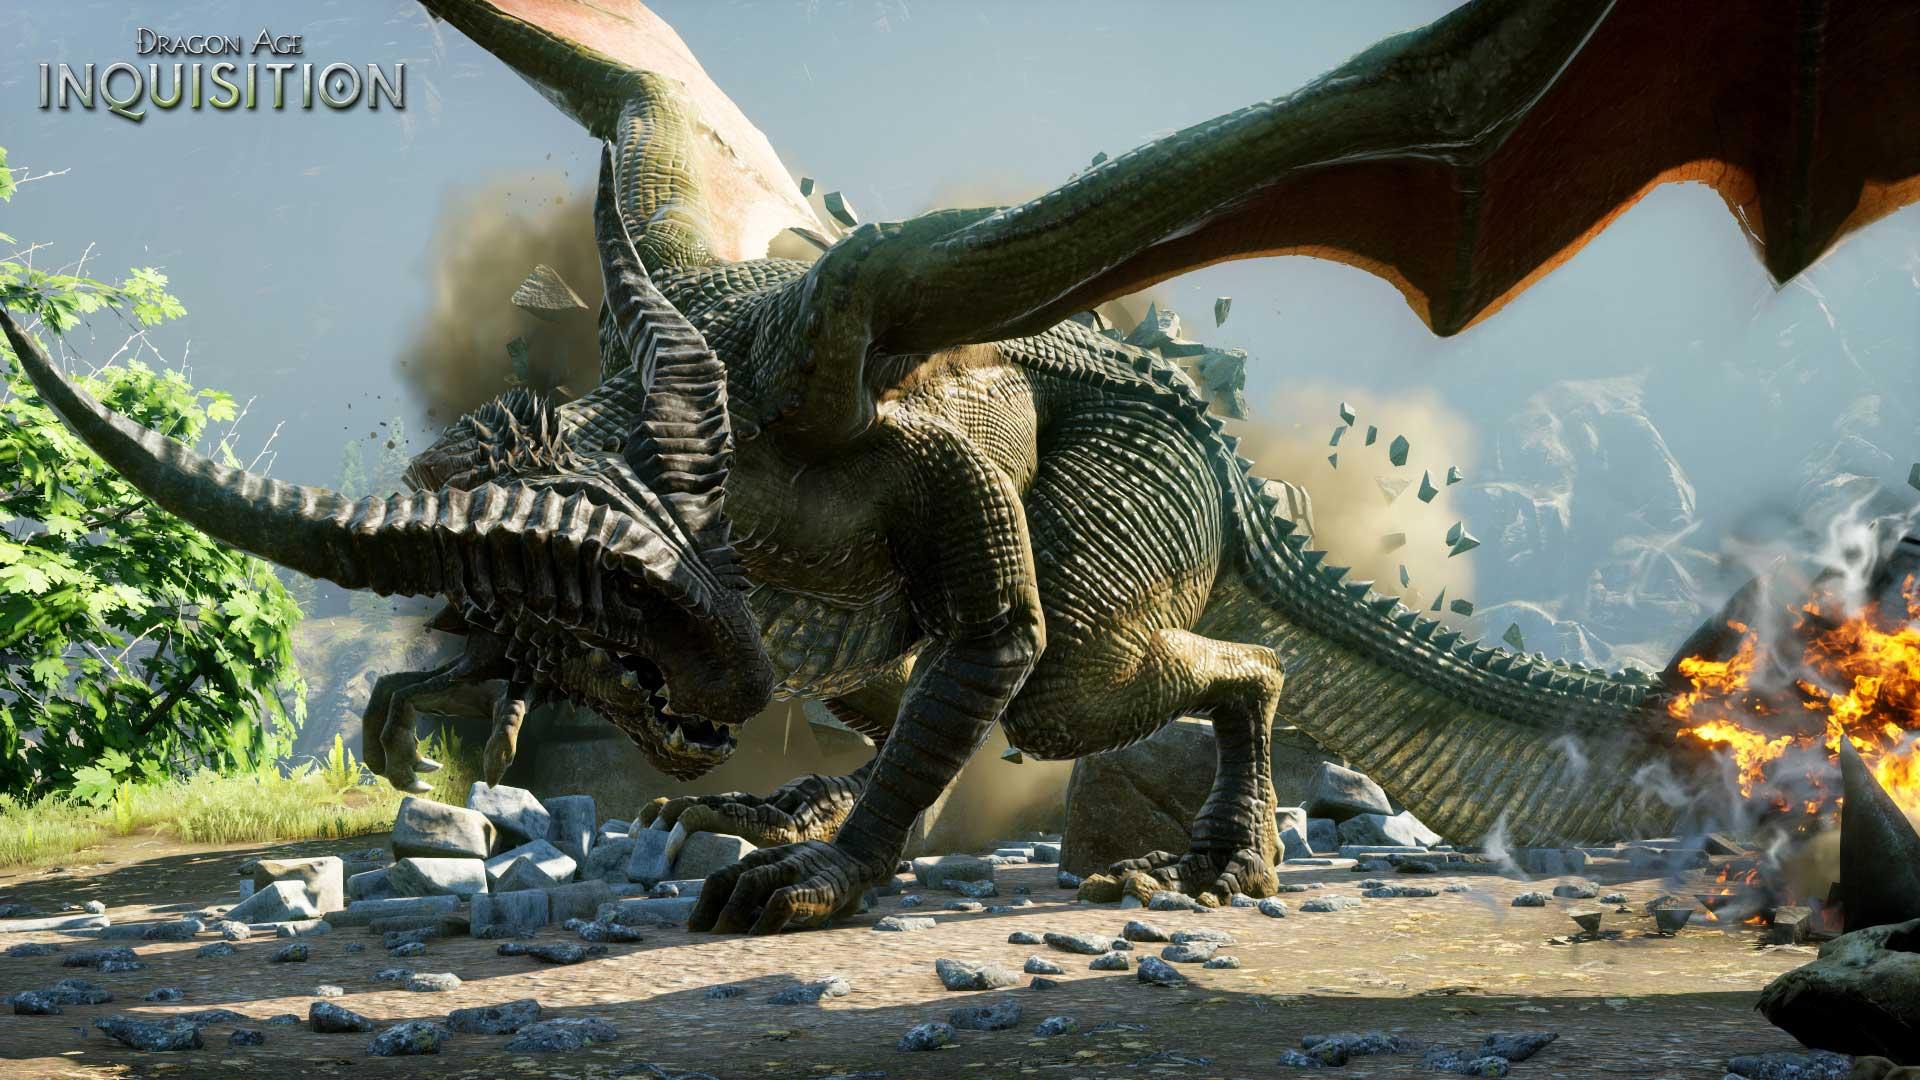 dragon age inquisition Dragon_01_WM_web